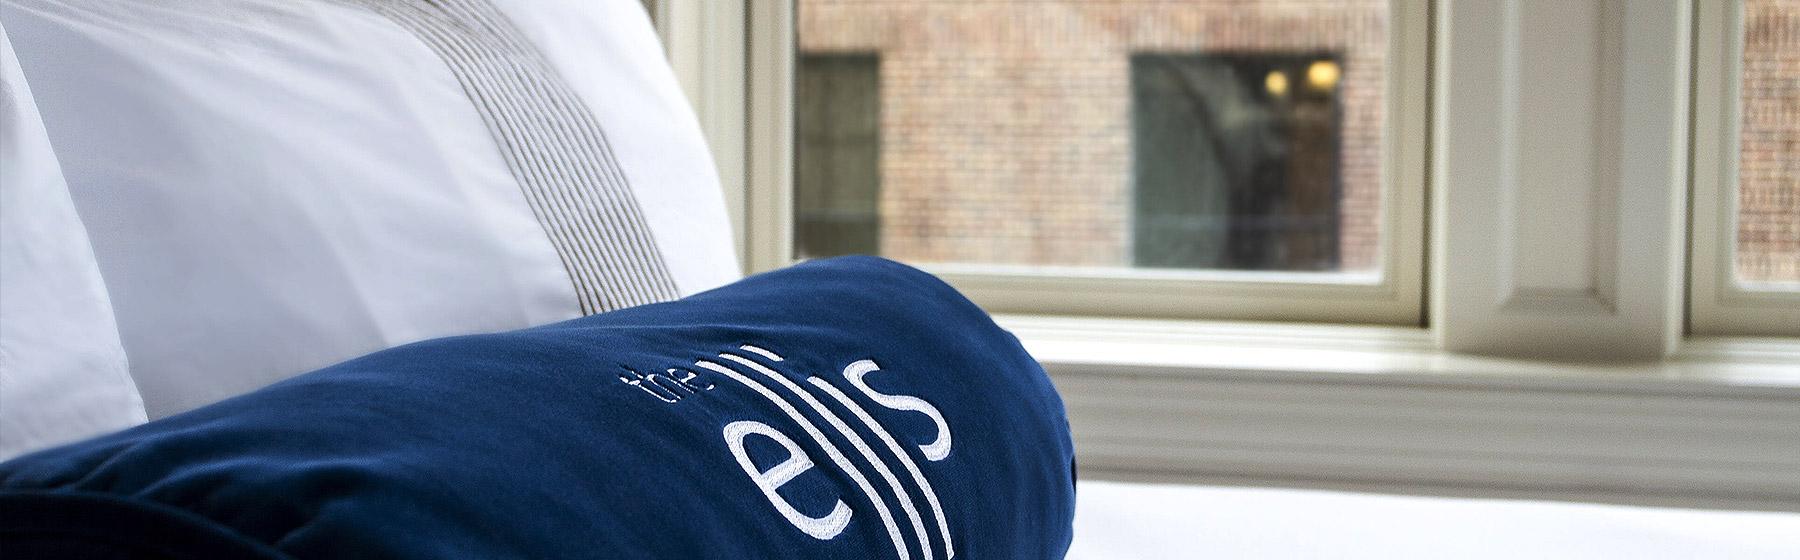 Best Rate The Ellis Hotel Atlanta